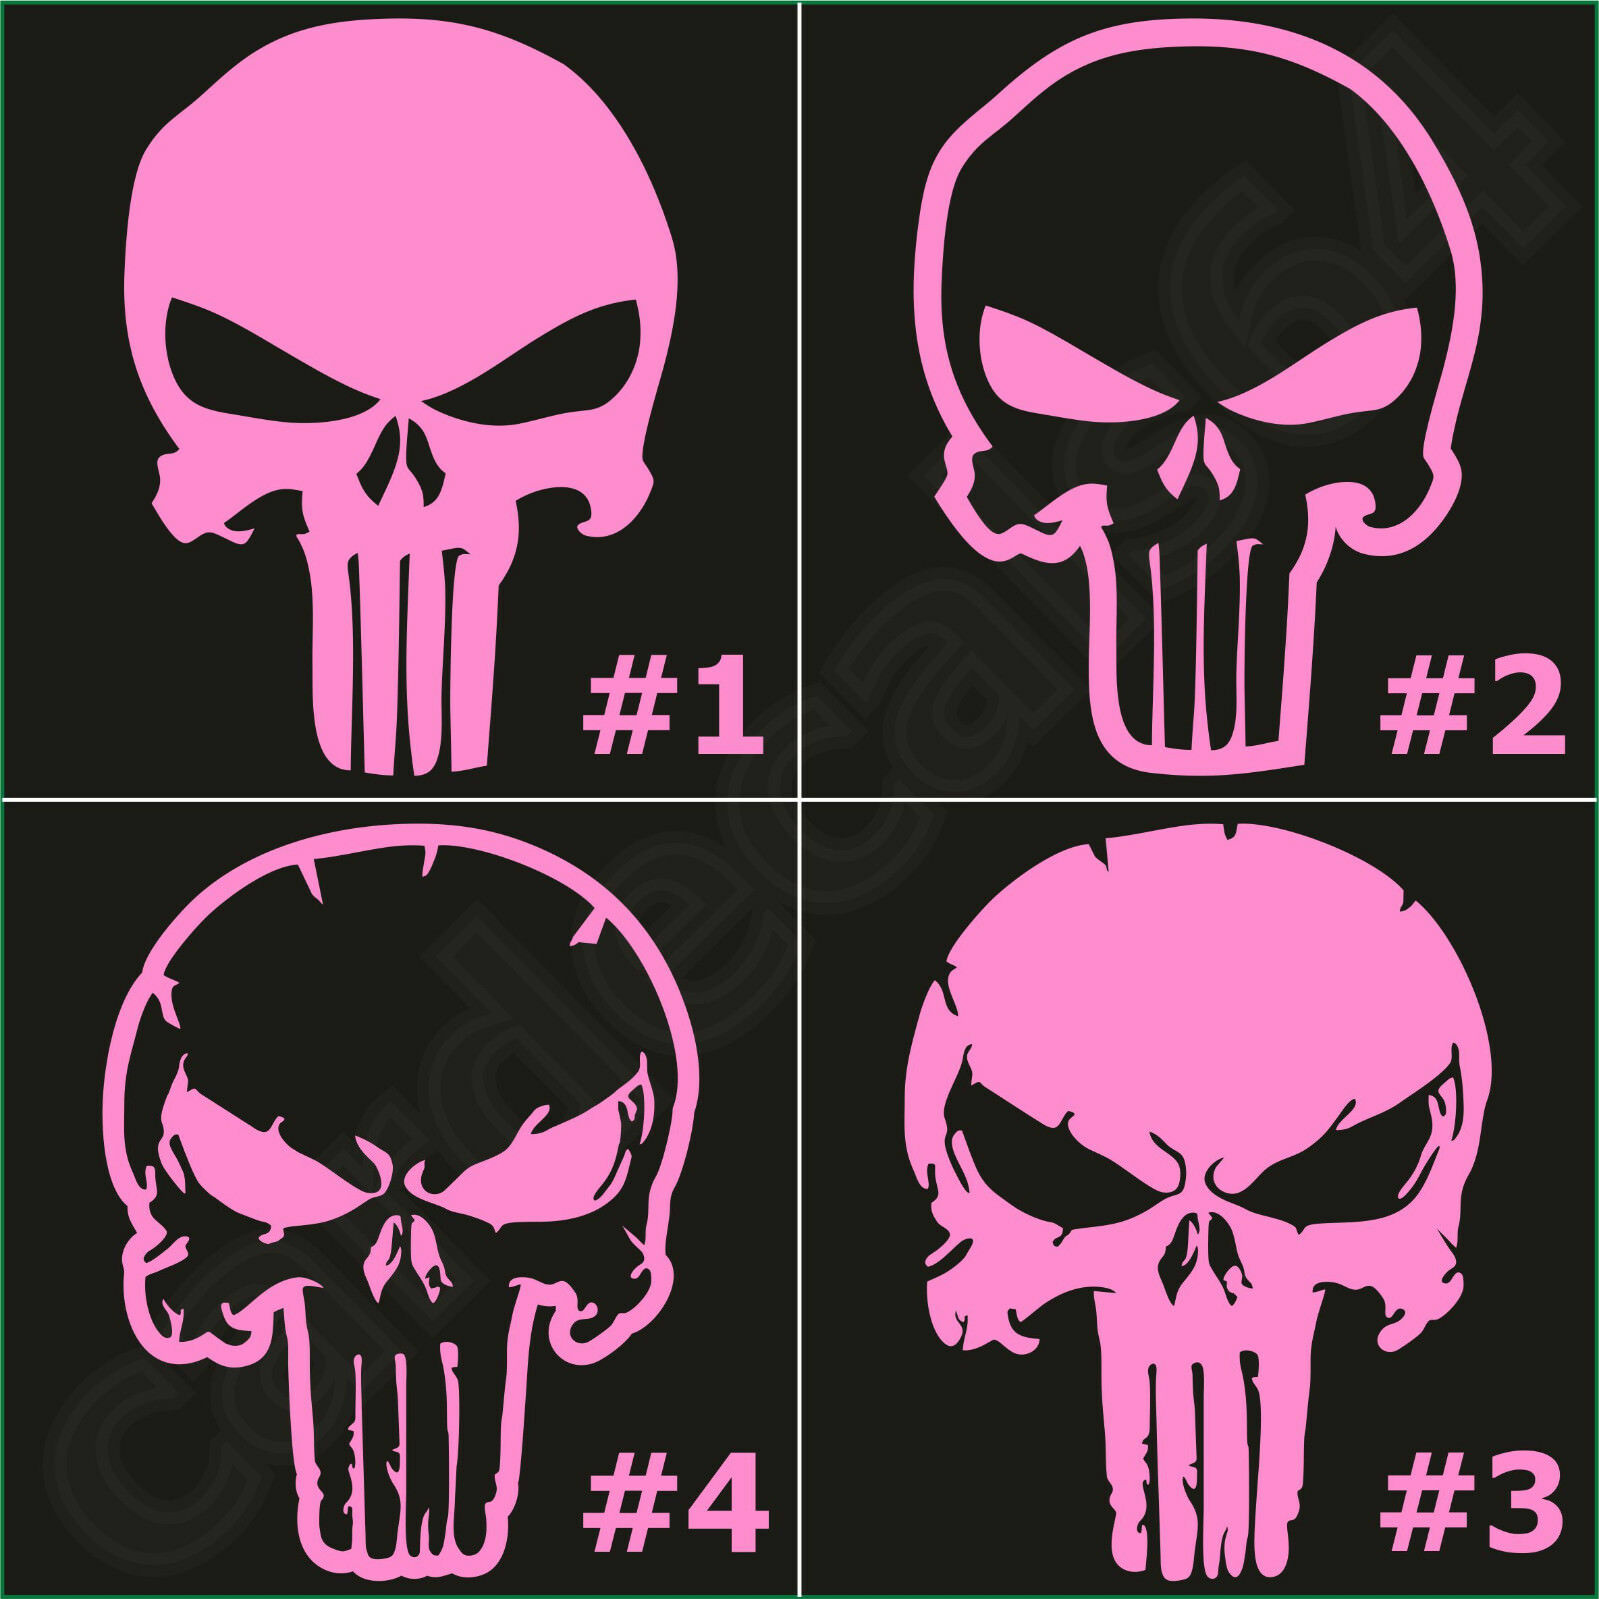 Männer ist Punkschädelform Punisher Schädel Design Metall Schlüsselanhänger NEU